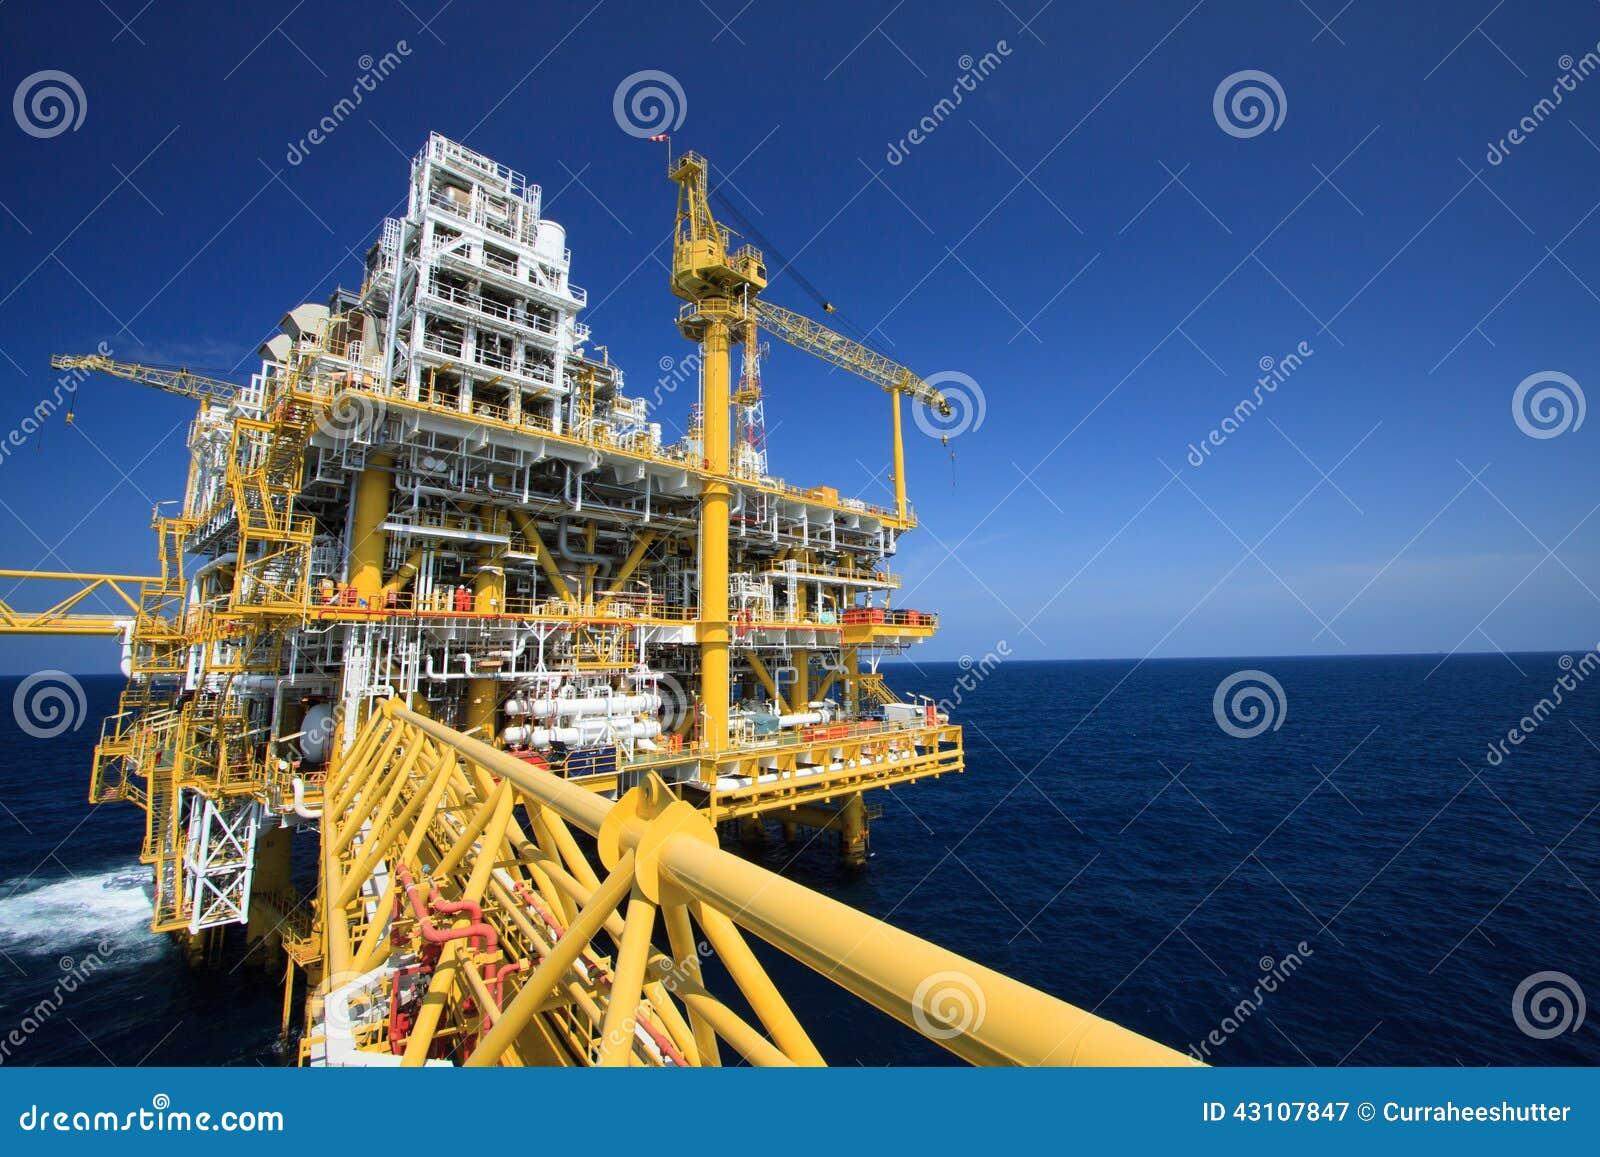 Plate-forme de pétrole et de gaz dans l industrie en mer, processus de fabrication dans l industrie pétrolière, l usine de constr